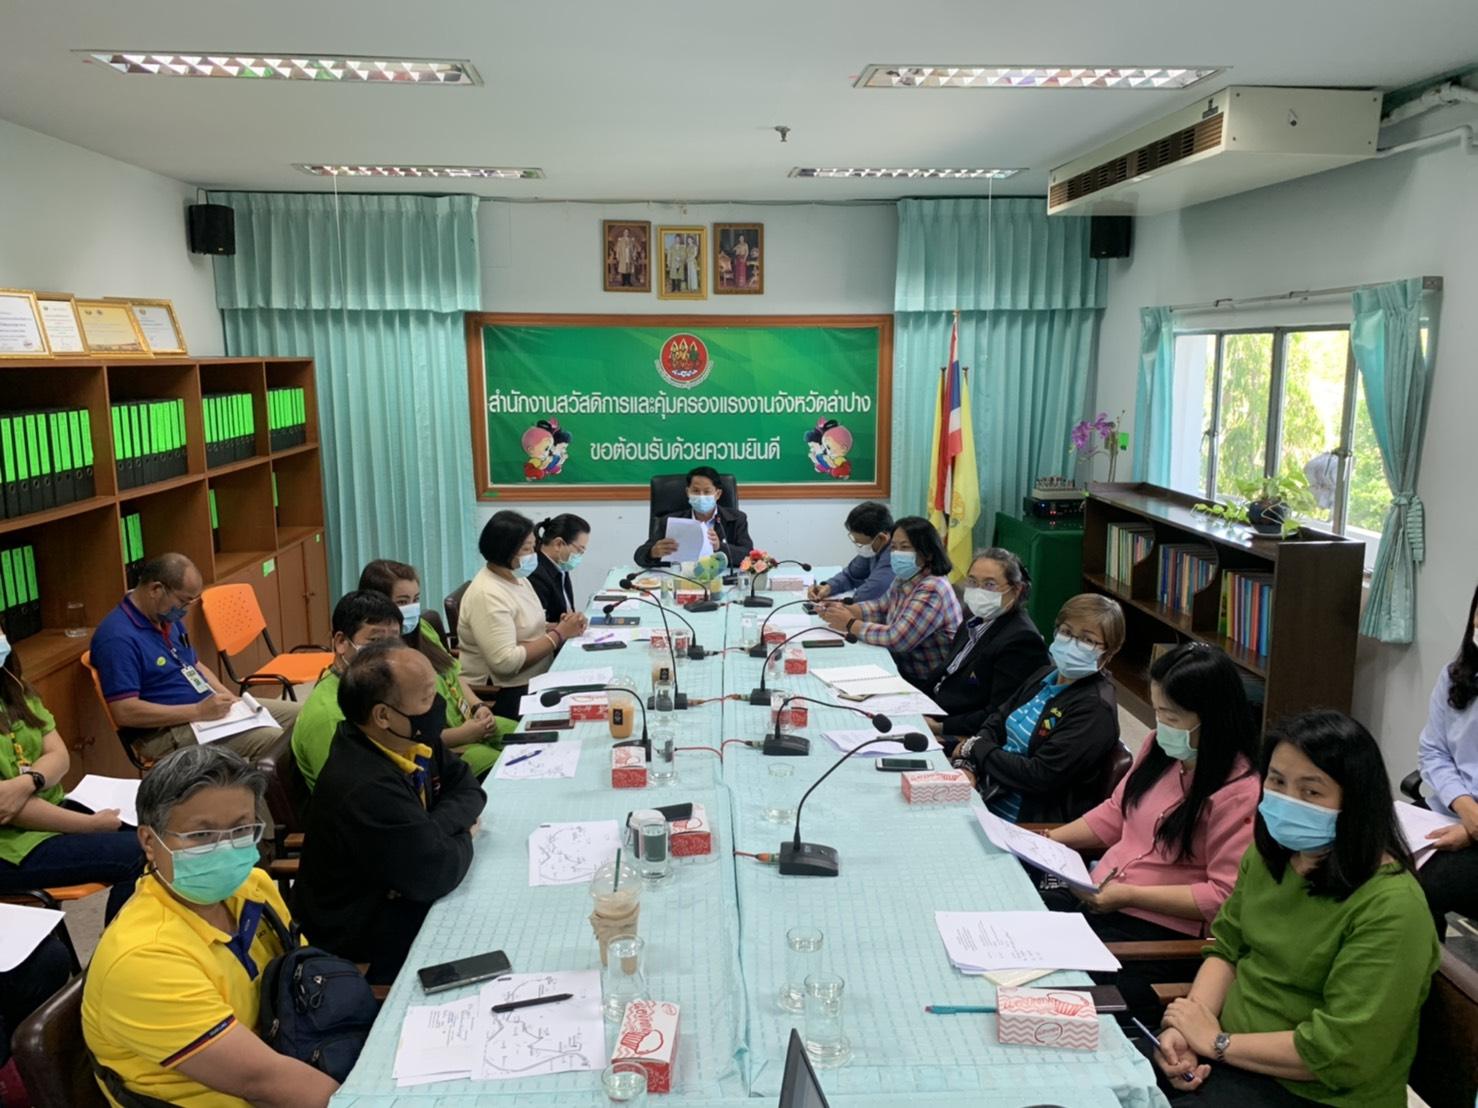 ร่วมประชุมการจัดงานวันแรงงานแห่งชาติจังหวัดลำปาง ประจำปี 2564